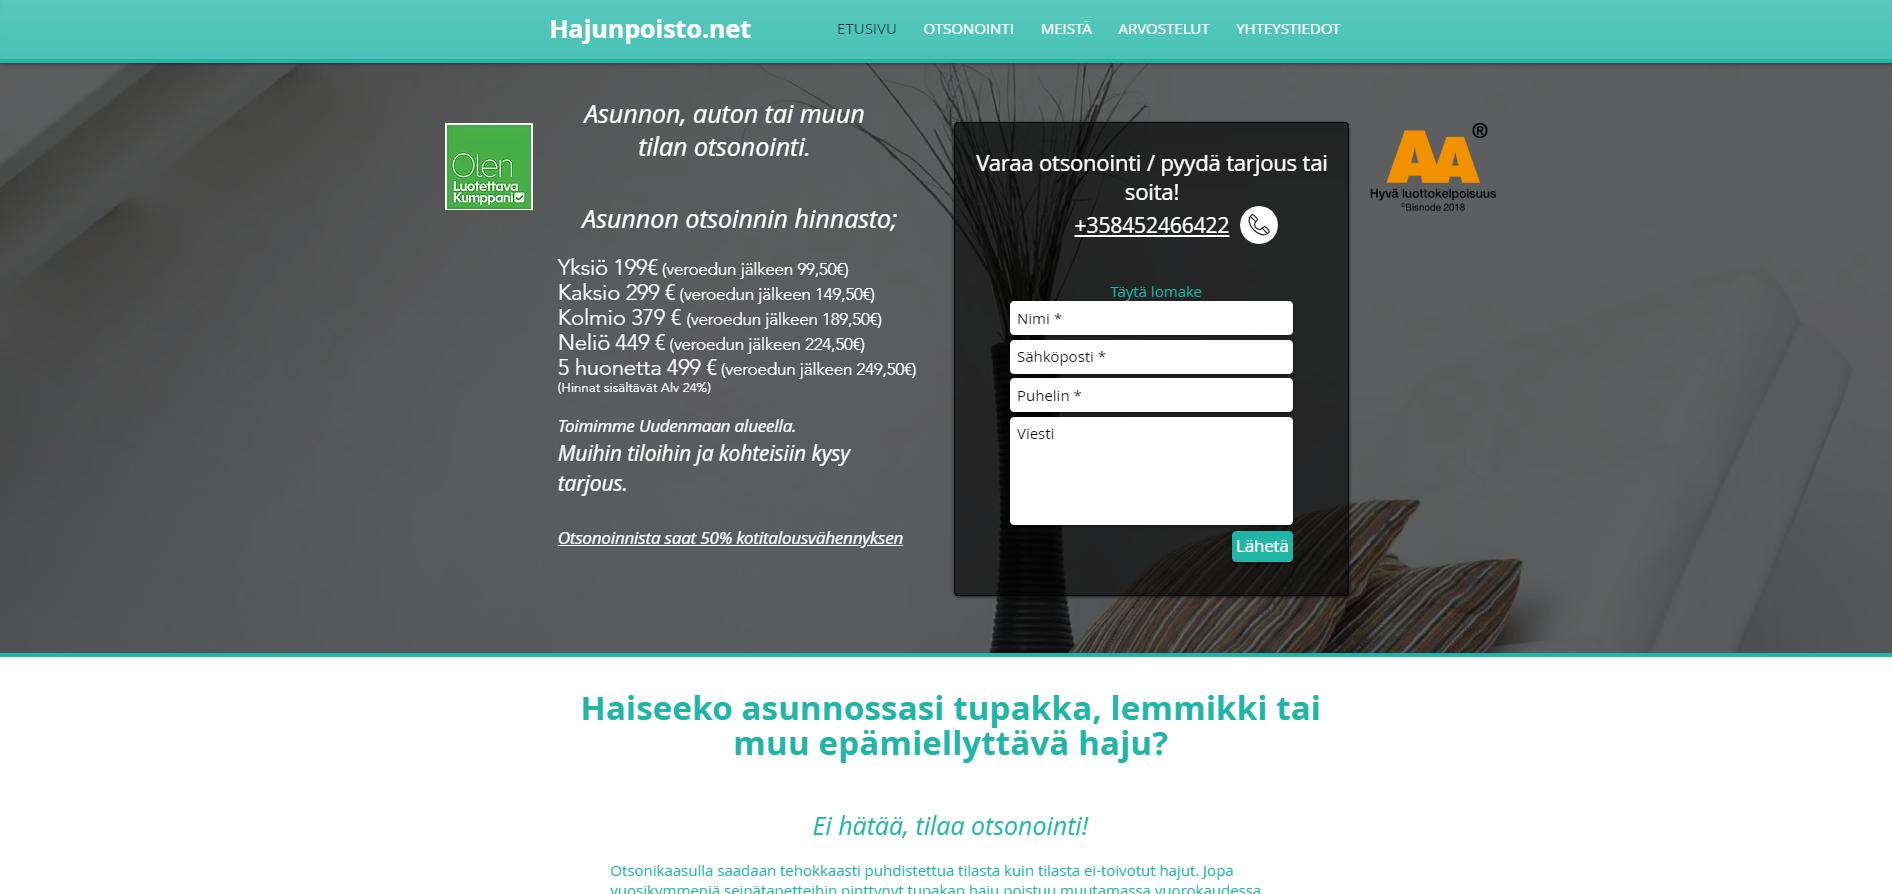 hajunpoisto.net